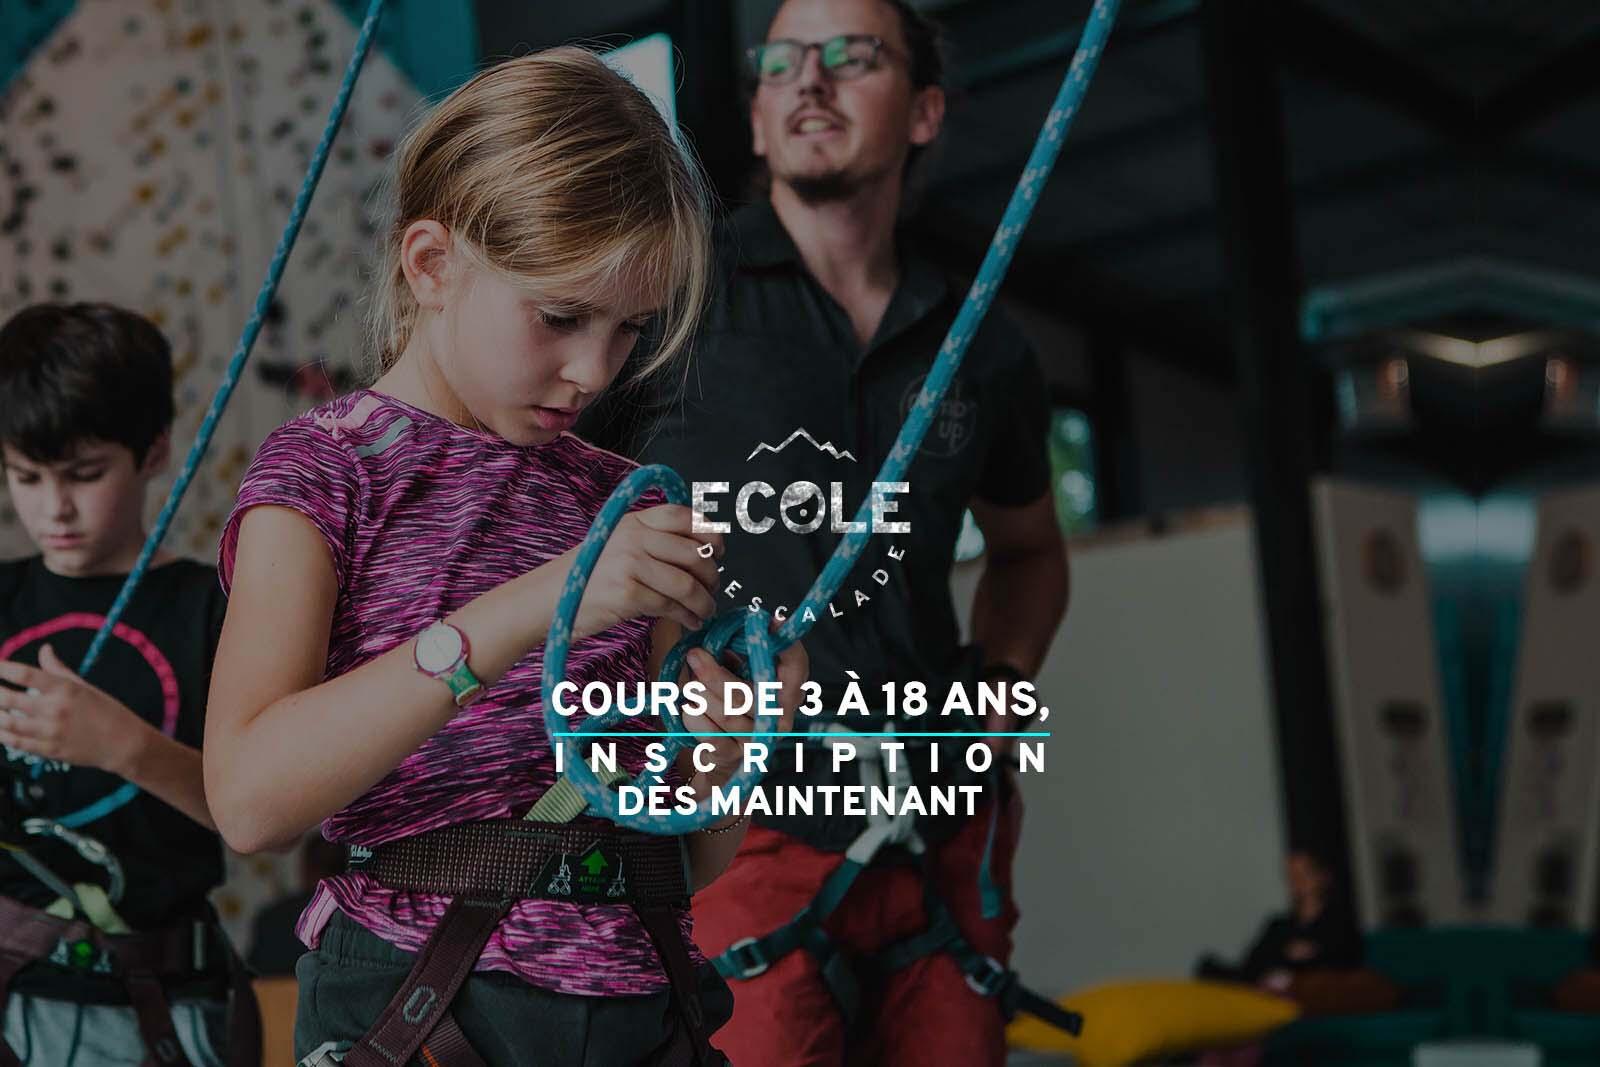 inscription école d'escalade climb up